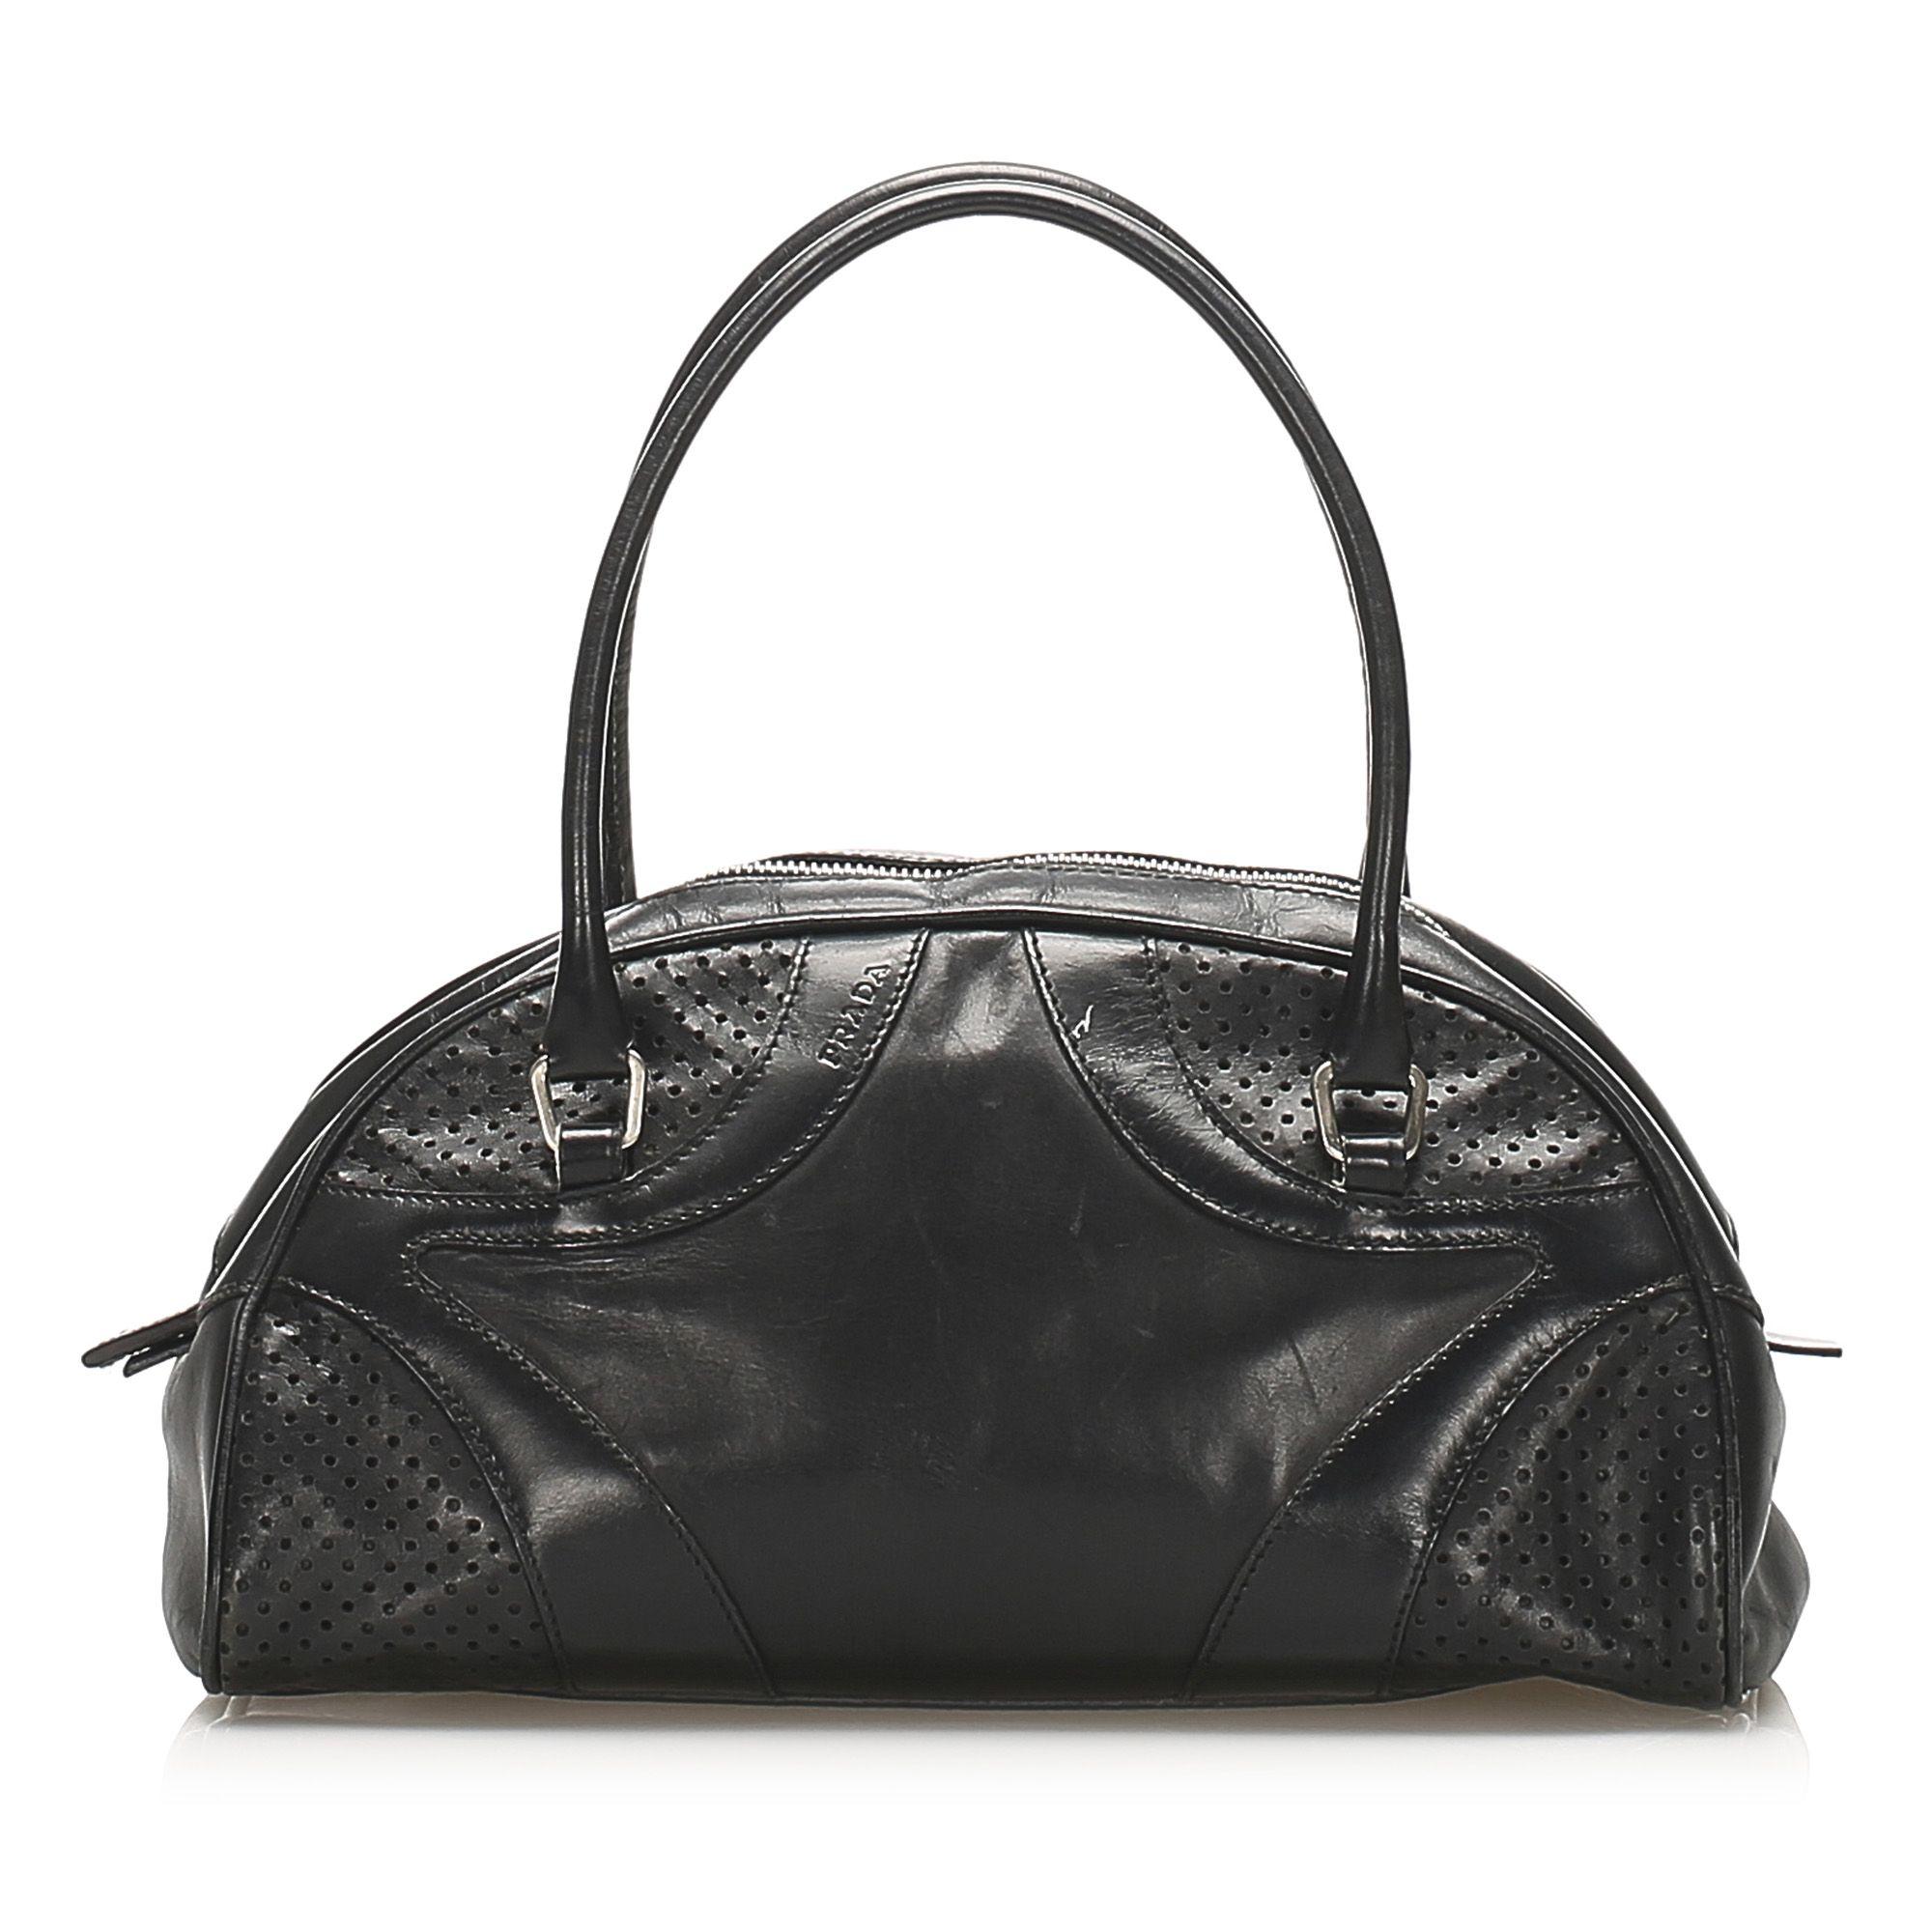 Vintage Prada Vitello Drive Bowler Handbag Black